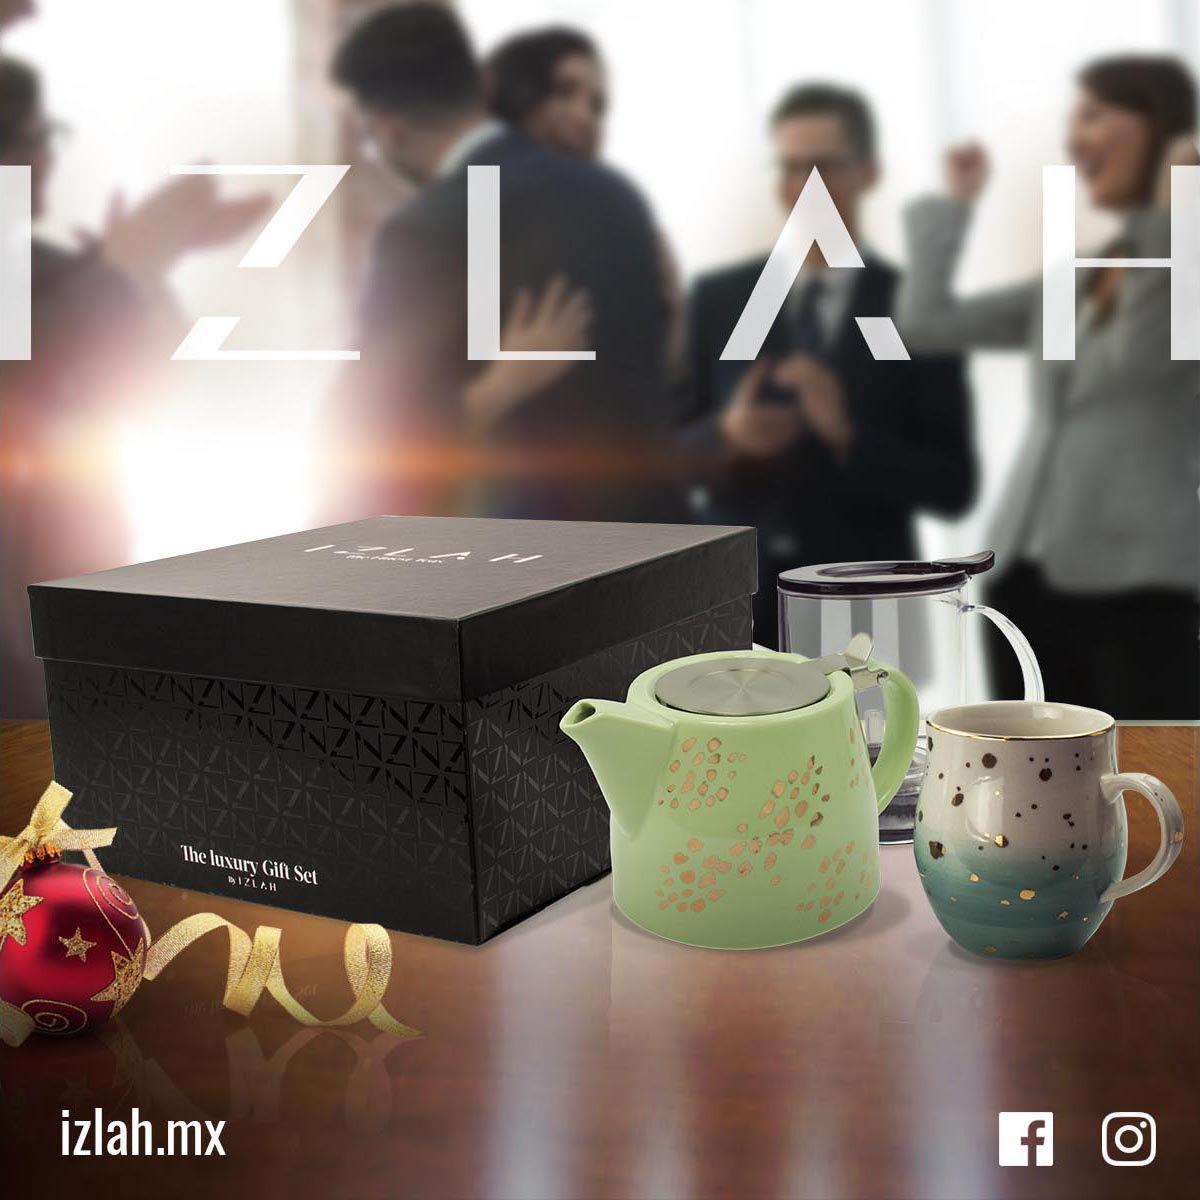 #TEALOVER #IZLAH Diseñó este práctico Gift Set para nuestros #tealovers que les encanta ver como las hojas despiertan en nuestro Teamaker, y servir el Té directo de la tetera. En estas épocas de frío una taza de Té es un abrazo reconfortante.